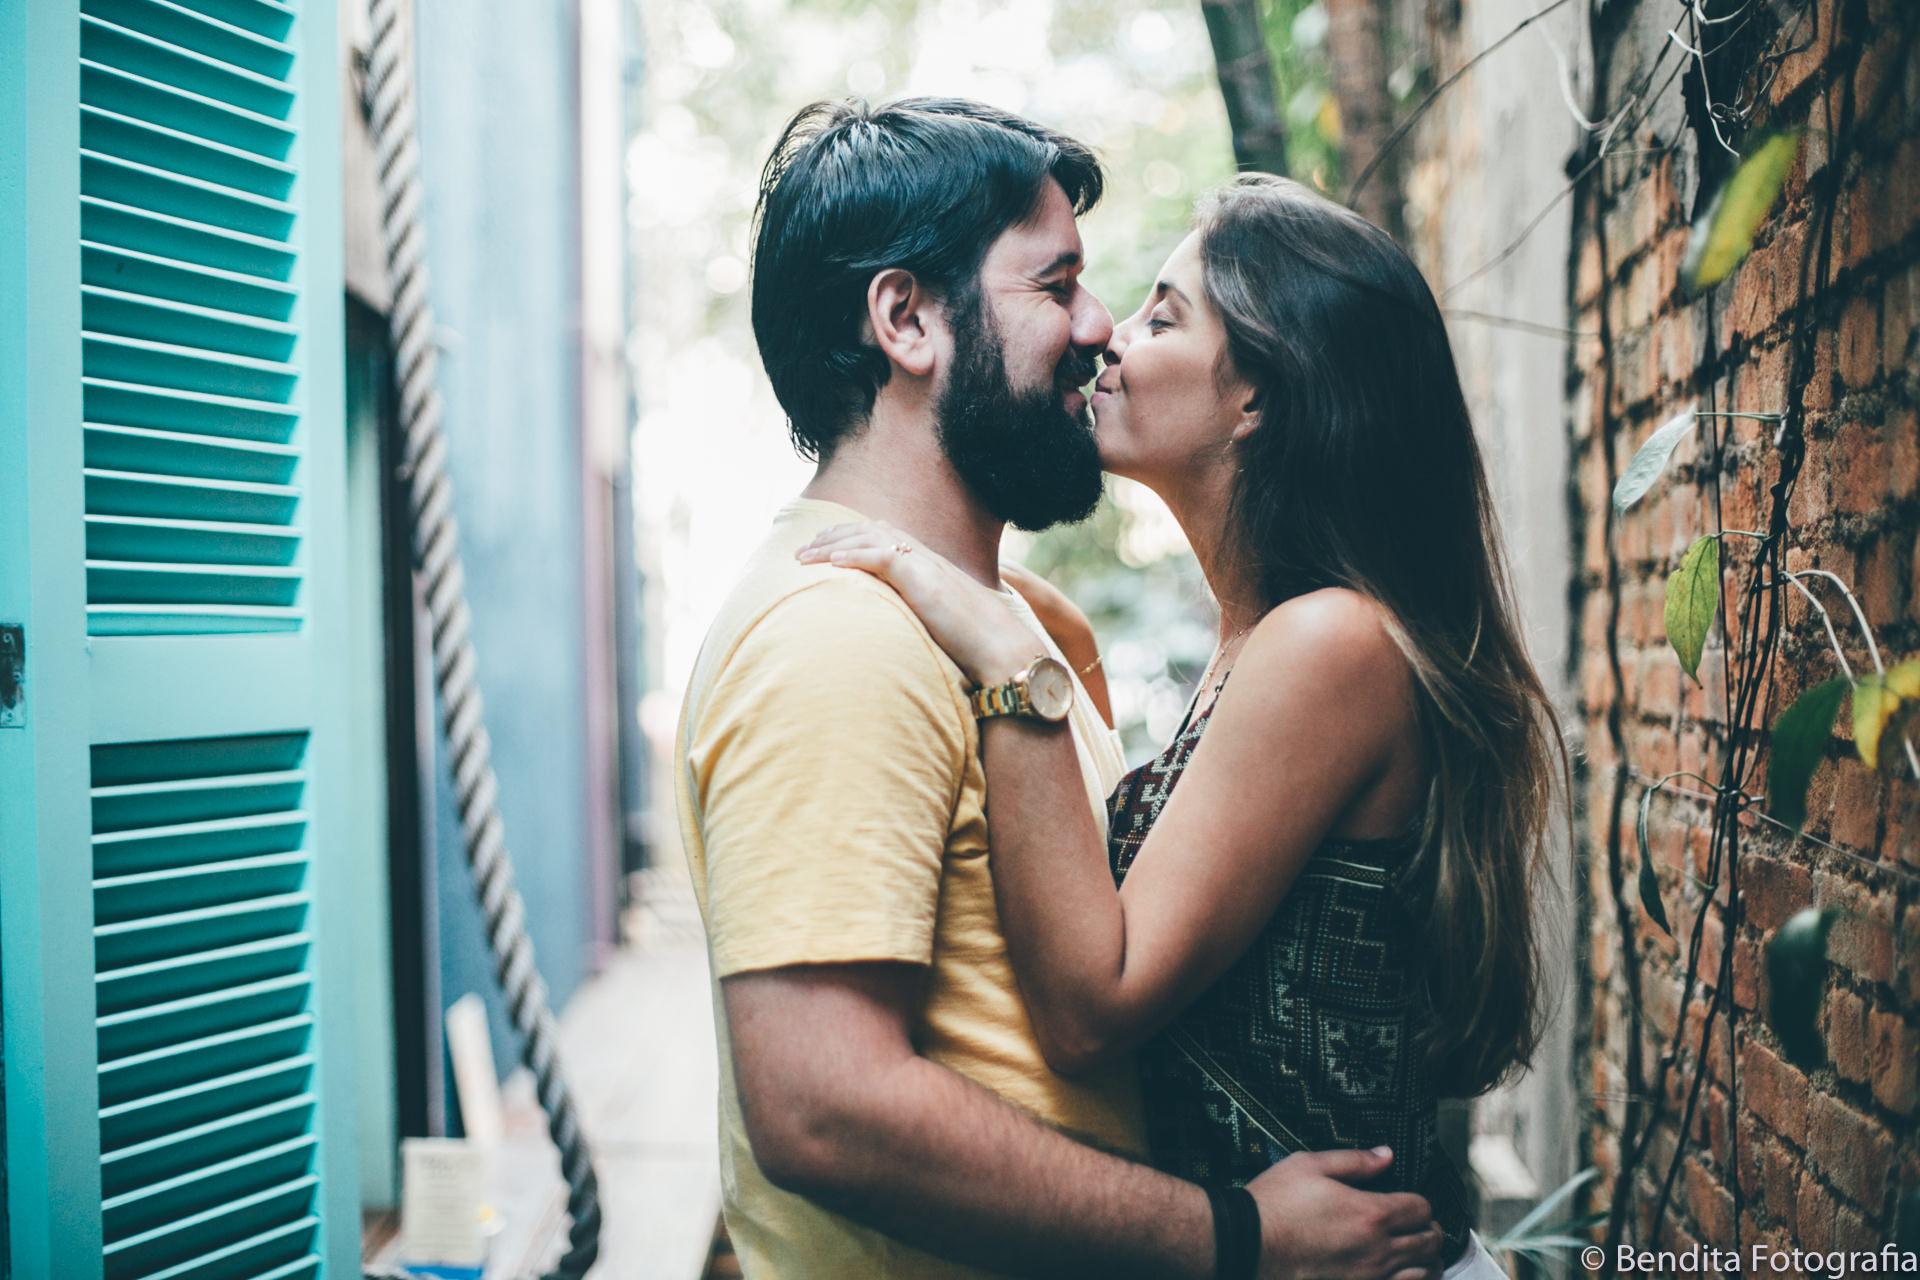 ensaio-de-fotos-de-casal-sofa-cafe-ensaio-de-fotos-ensaio-de-casal-fotos-de-casal-bendita-fotografia_0